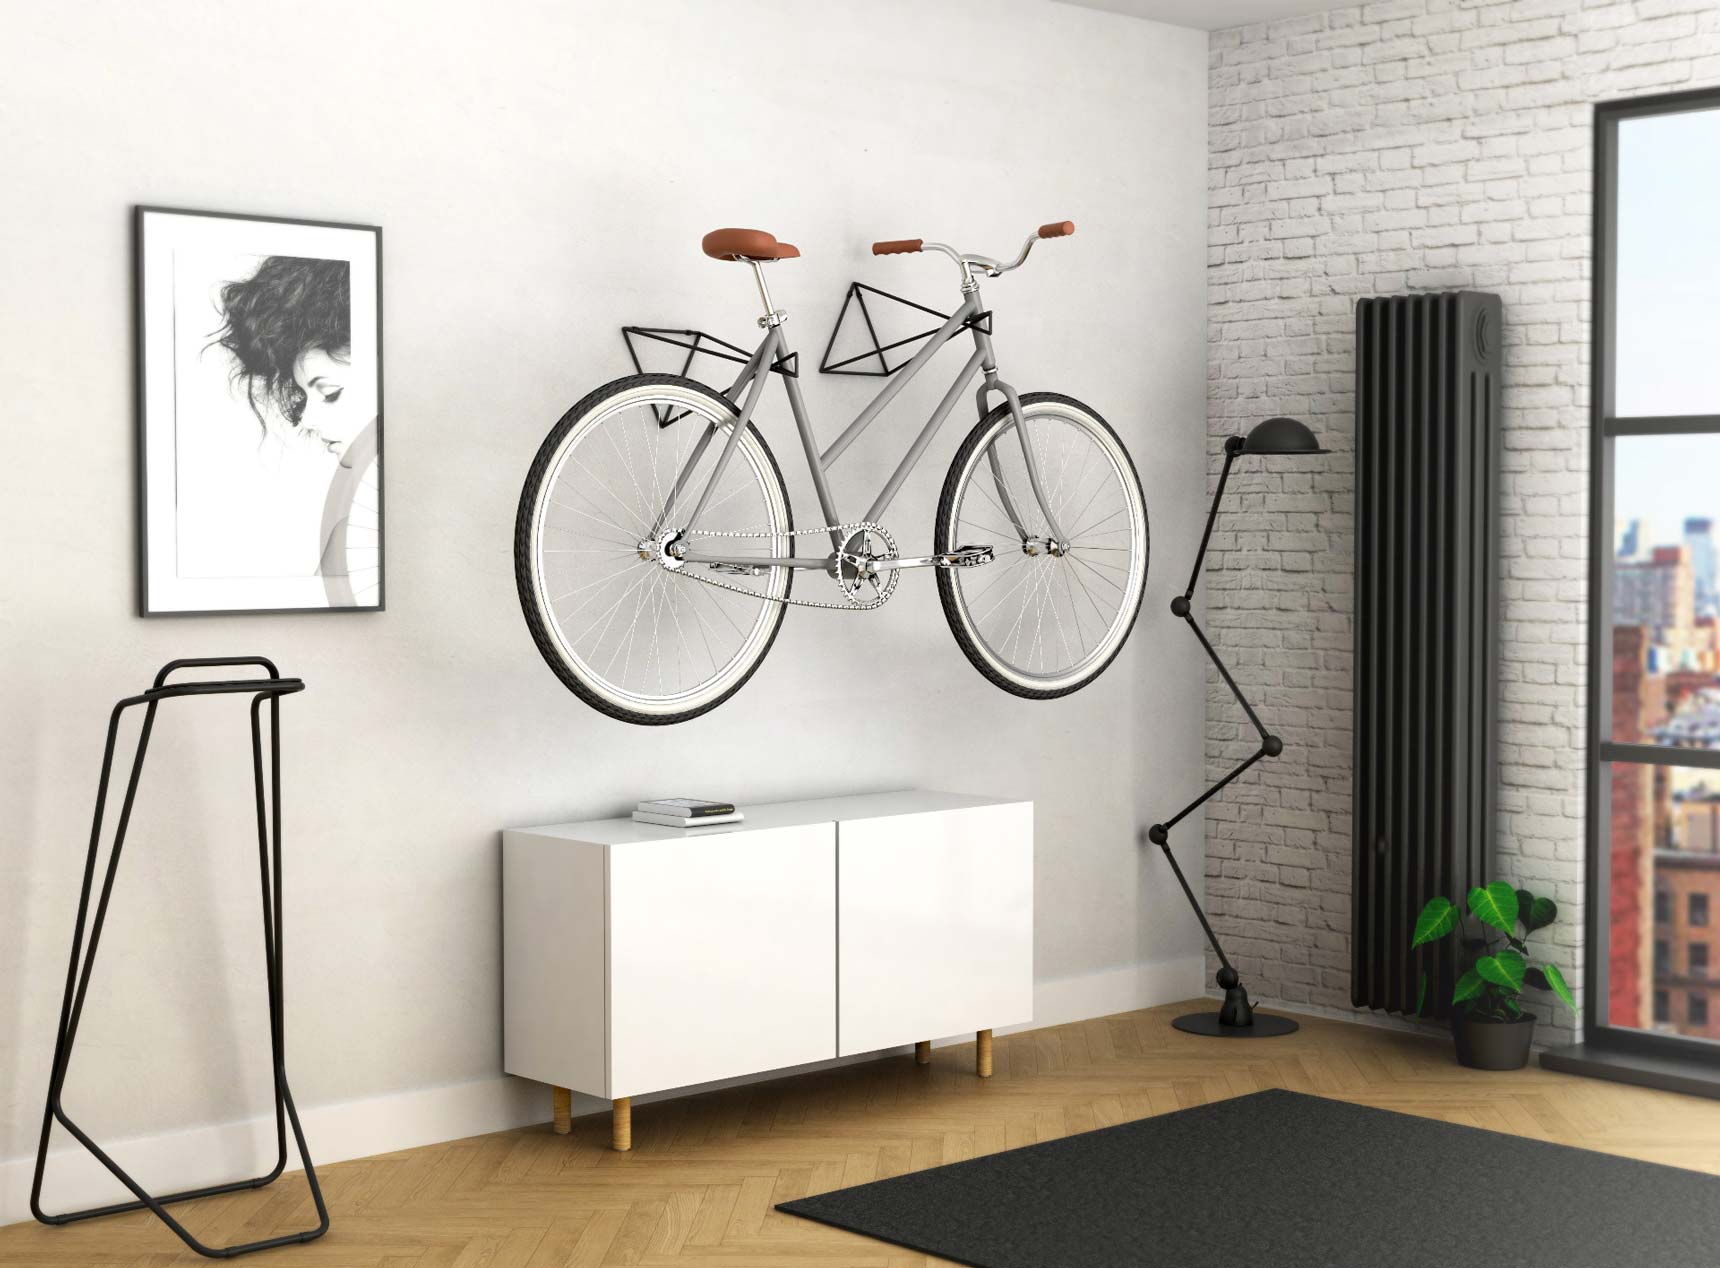 Rak Sepeda Untuk Menyimpan Sepeda Di Apartemen